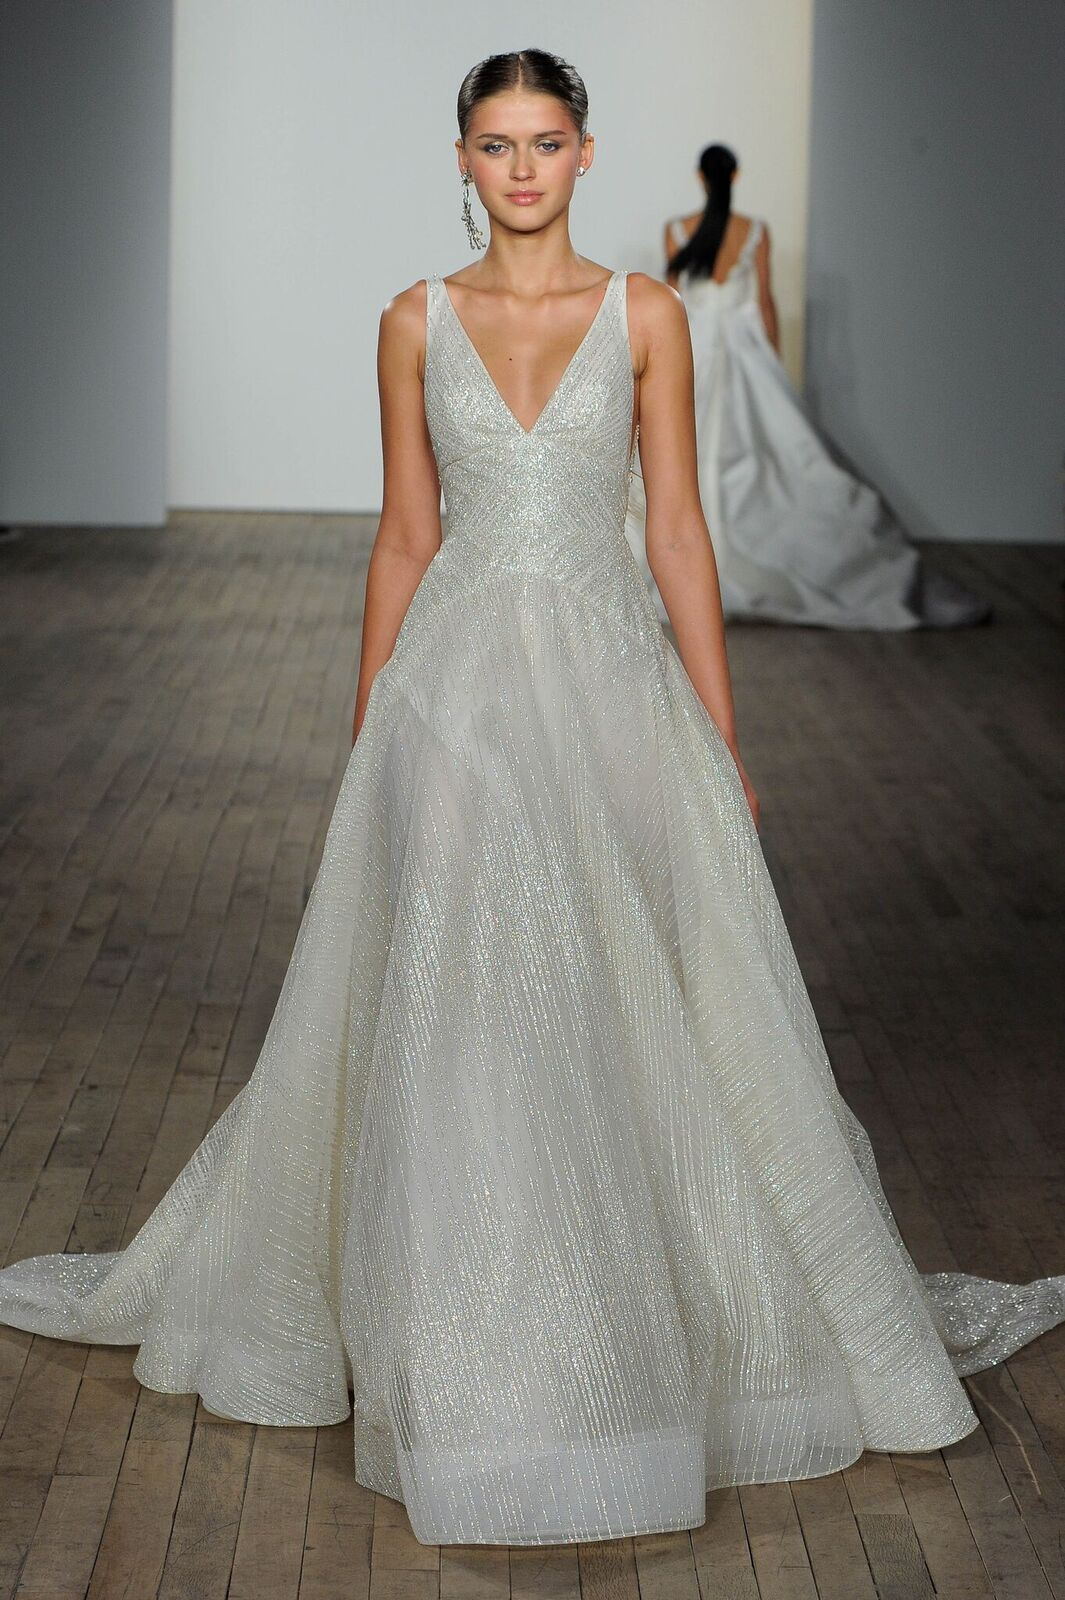 203ceb71 Lazaro style 3908 Celeste | LAZARO Spring 2019 Bridal Fashion Show ...